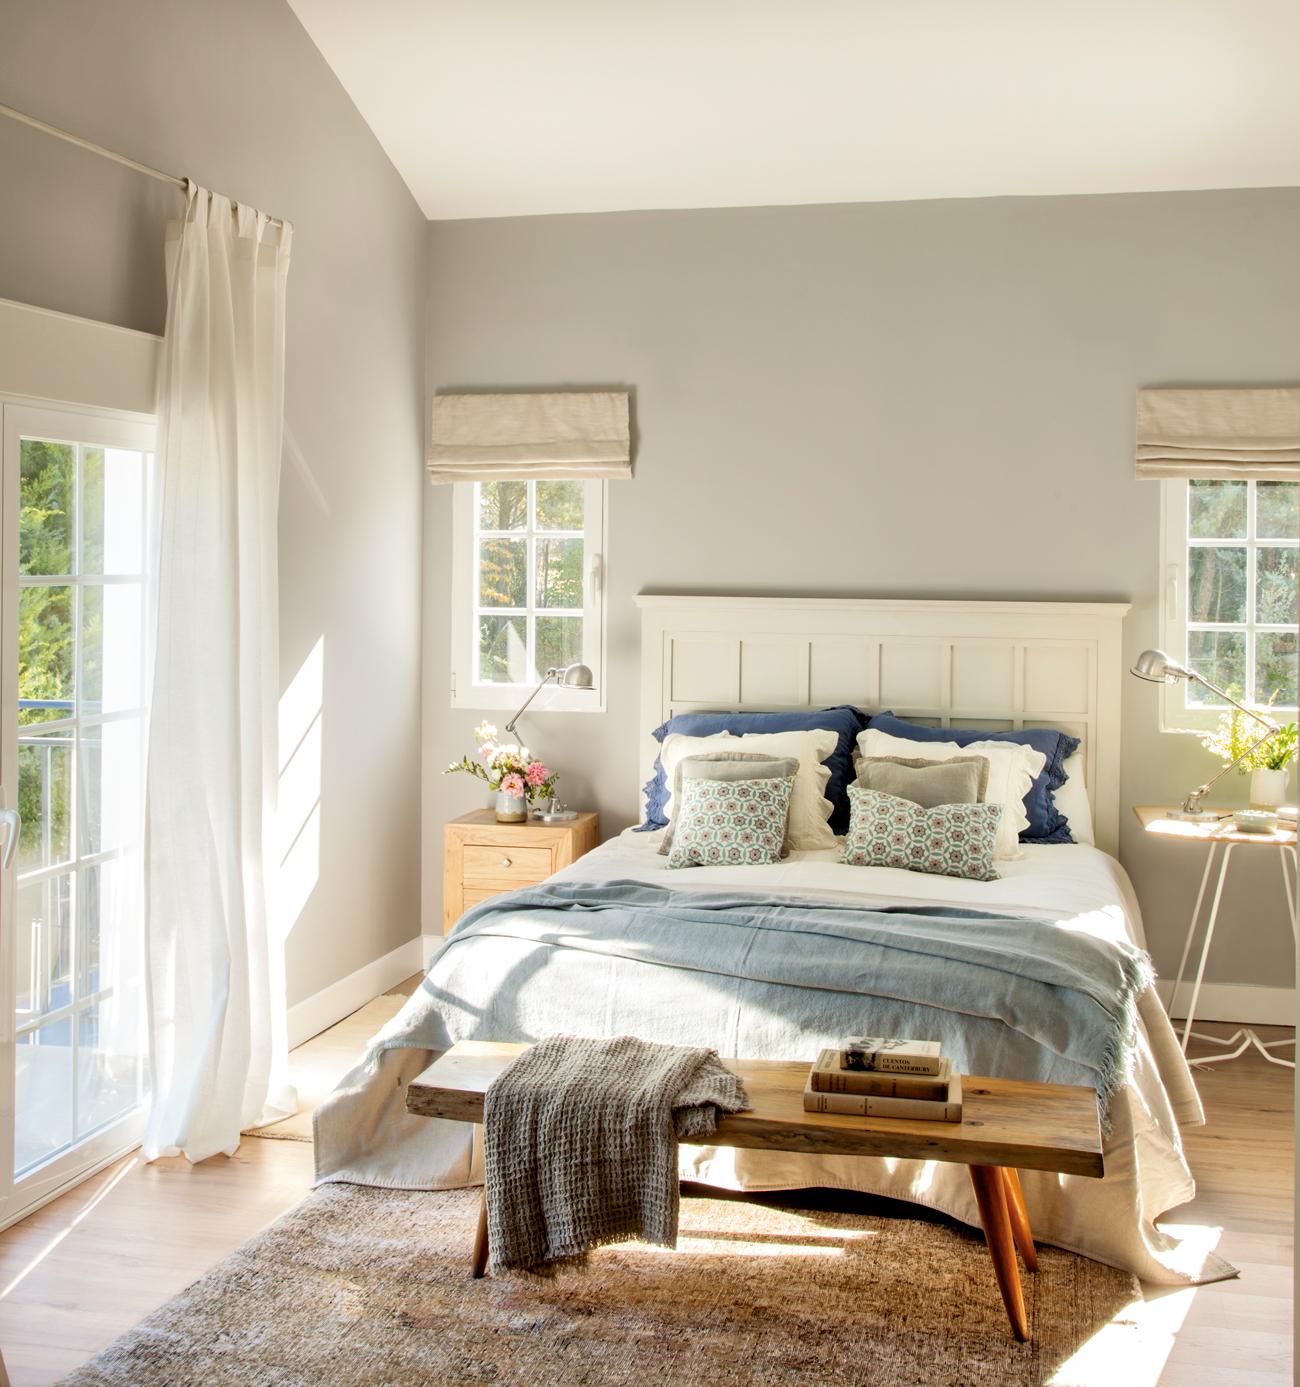 50 dormitorios principales para coger ideas - Dormitorio estilo romantico ...